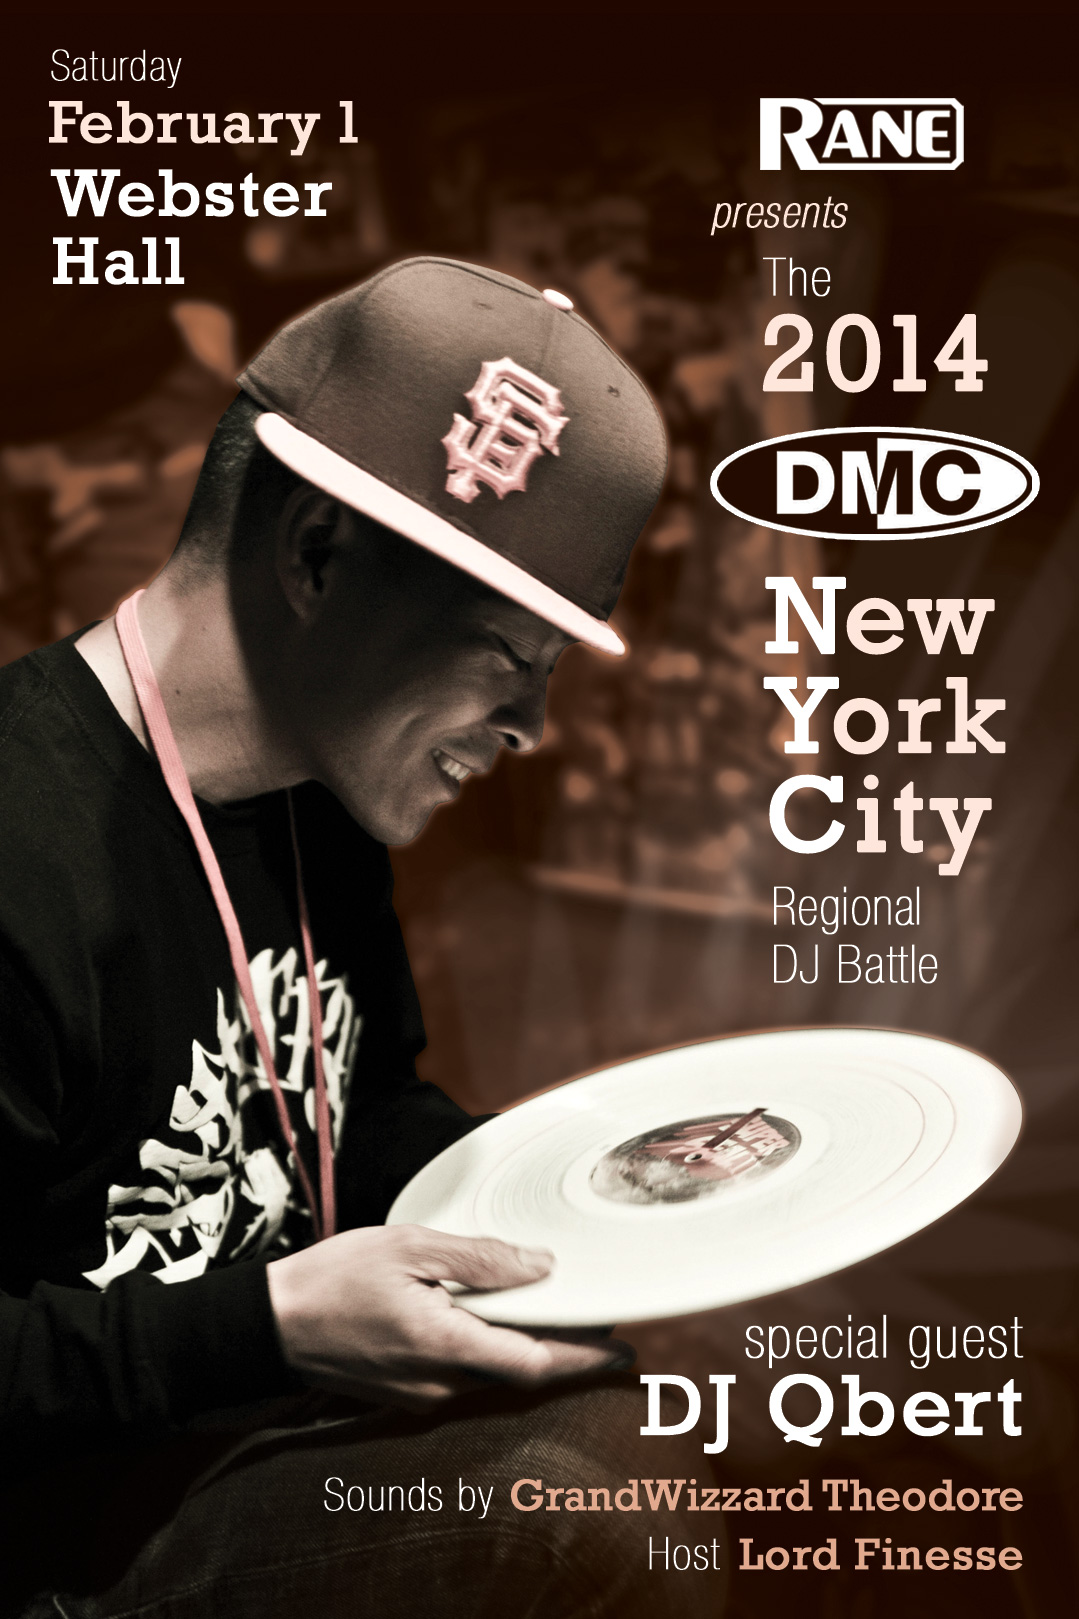 2014_dmc_qbert_flyer_back_final.jpg